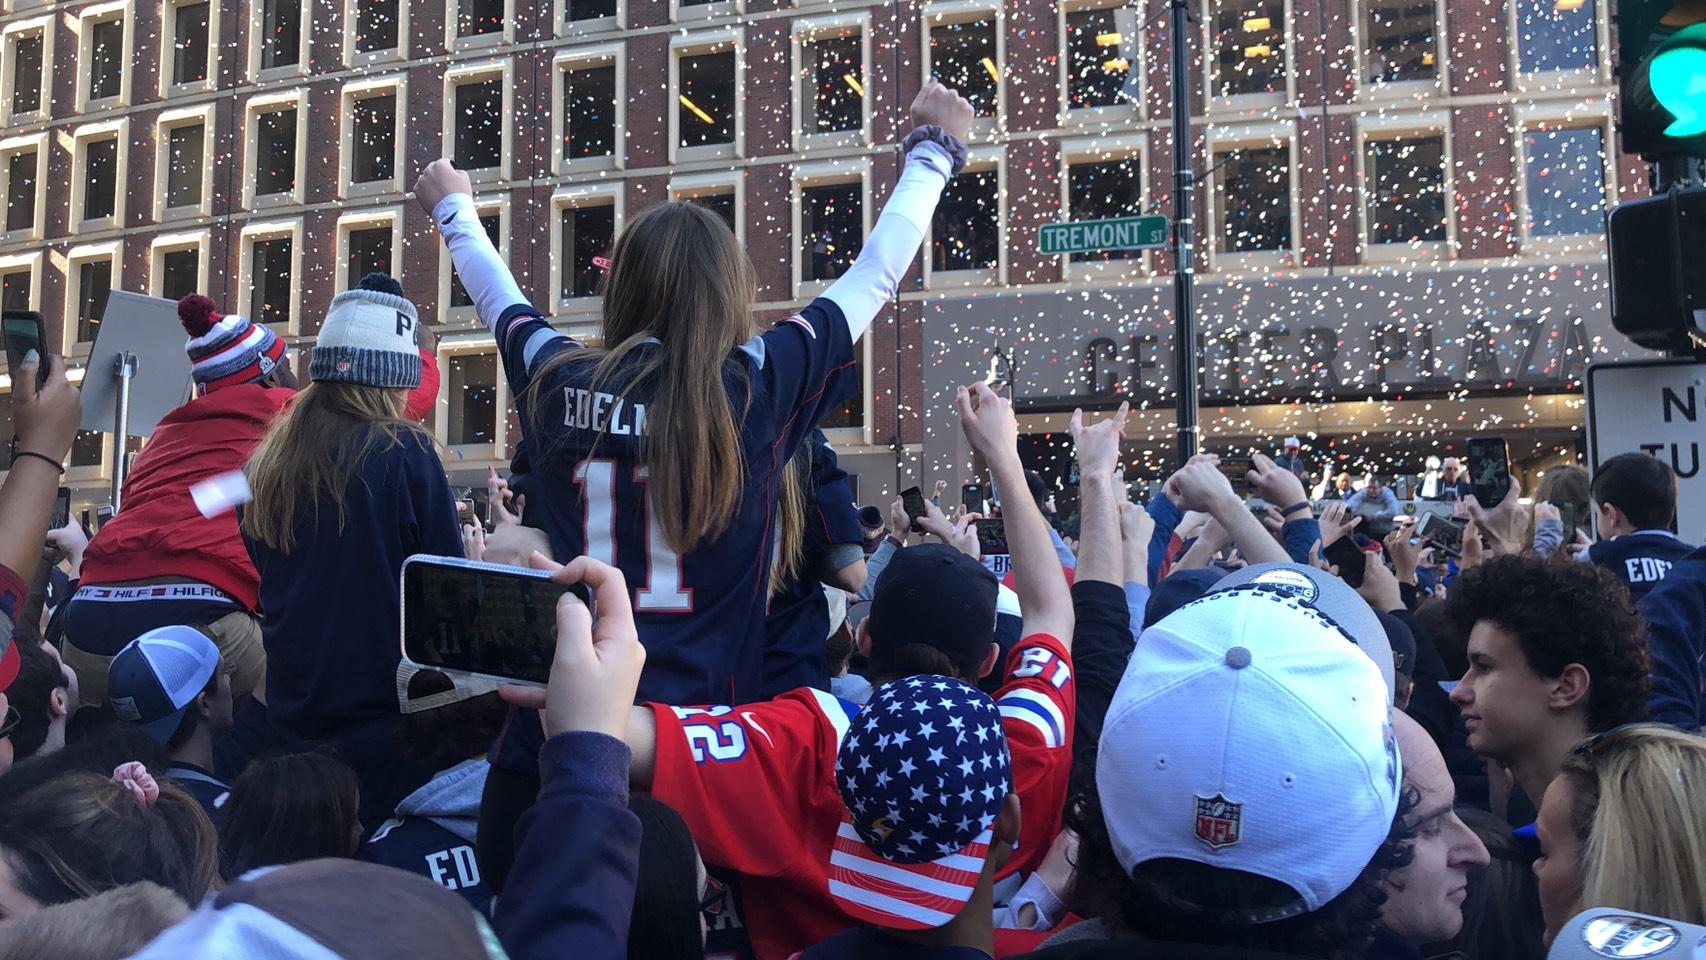 新英格蘭愛國者隊贏下超級盃冠軍,今日舉辦盛大遊行,參與民眾過百萬,或創紀錄。記者劉晨懿之/攝影